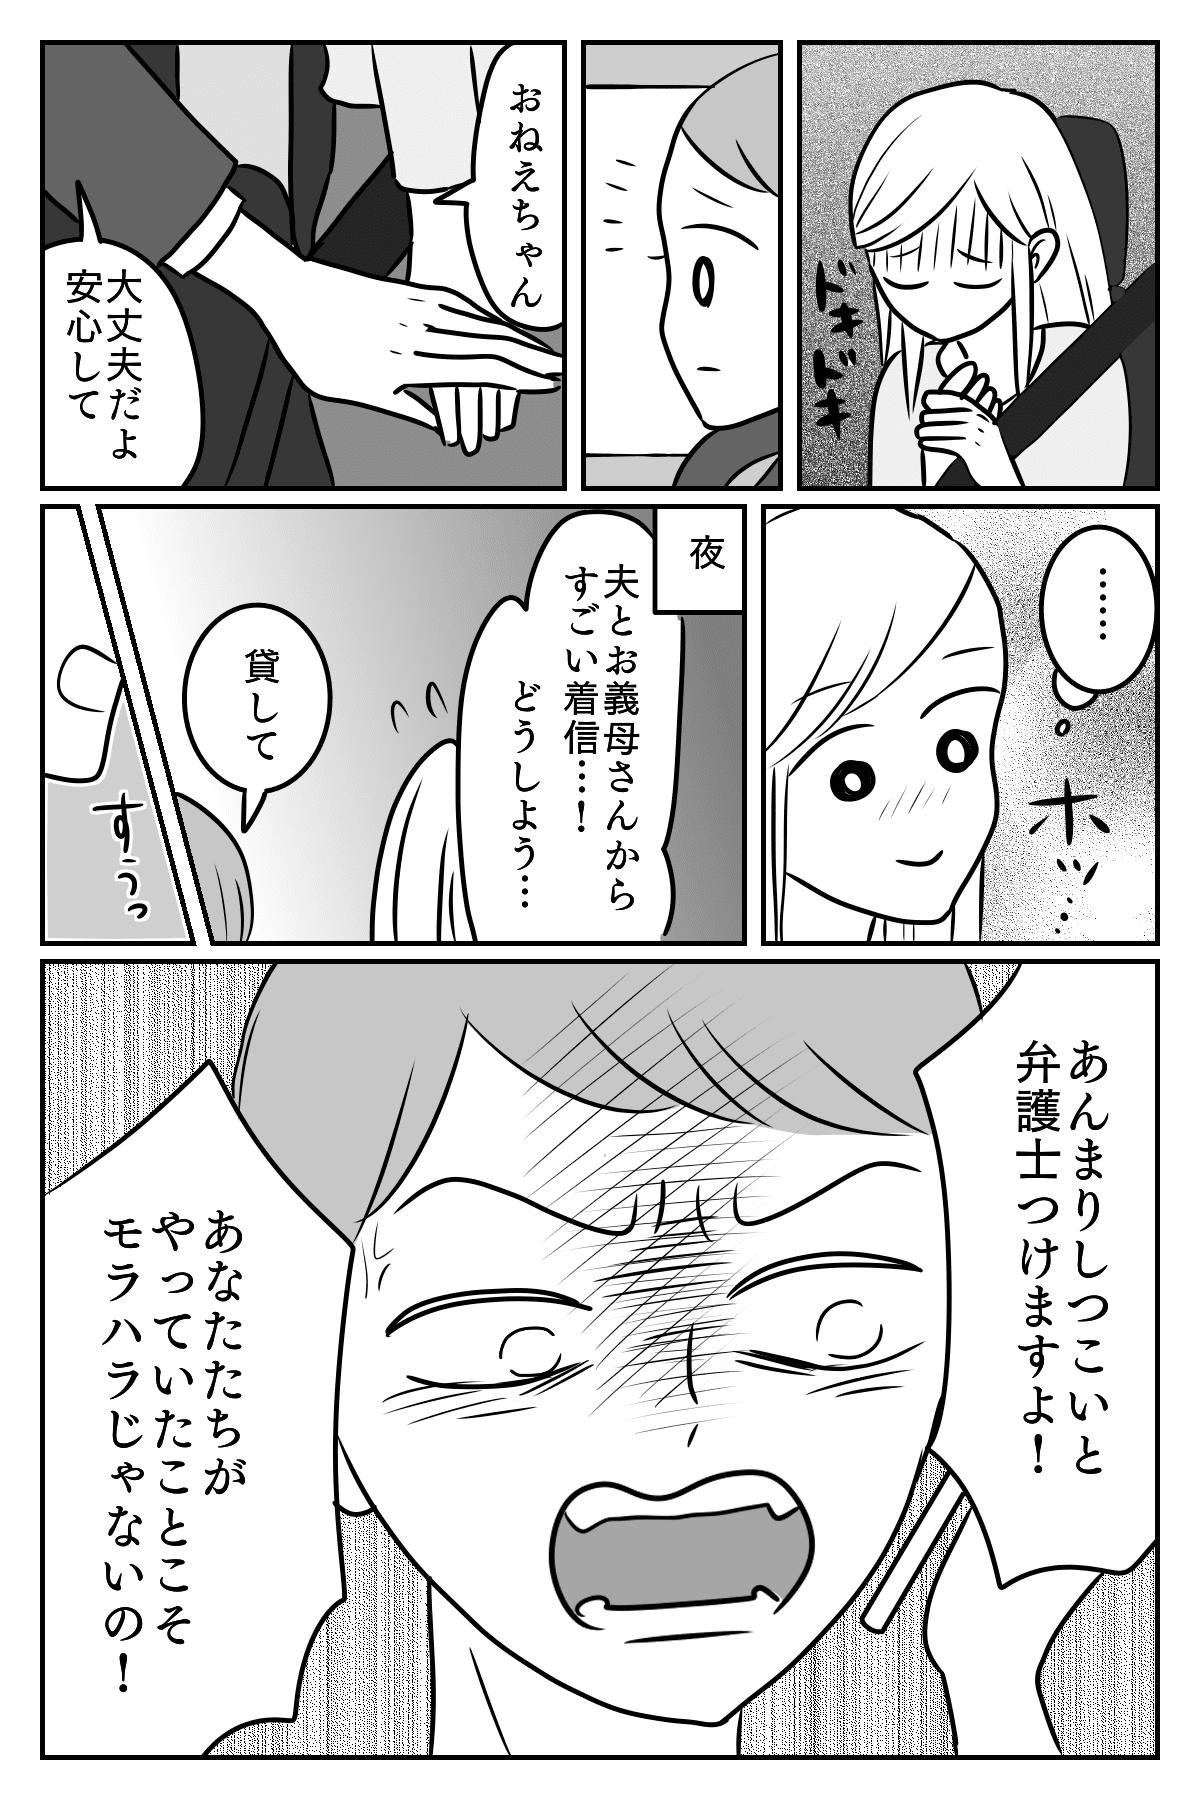 耳鼻科6-2